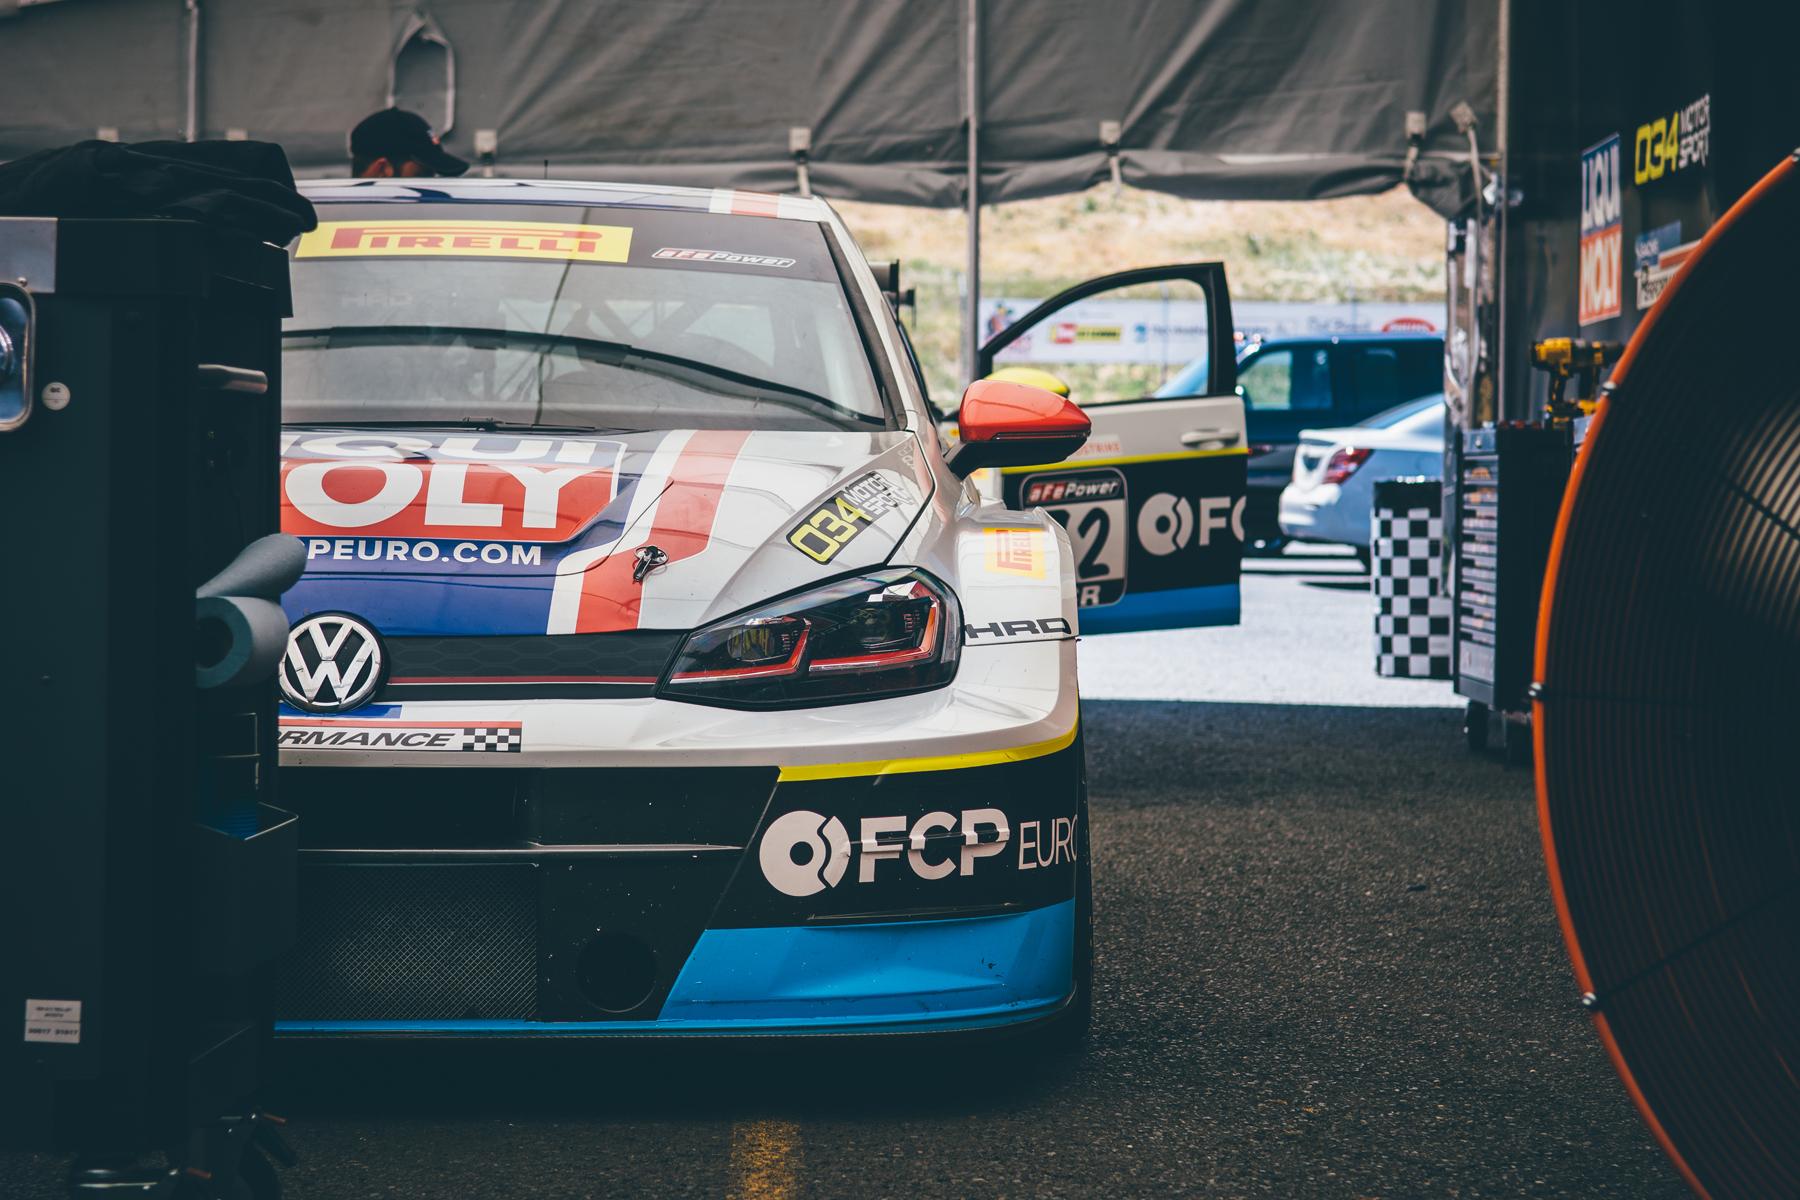 pirelli-world-challenge-pir-fcp-euro-mk7-volkswagen-gti-tcr-13.jpg